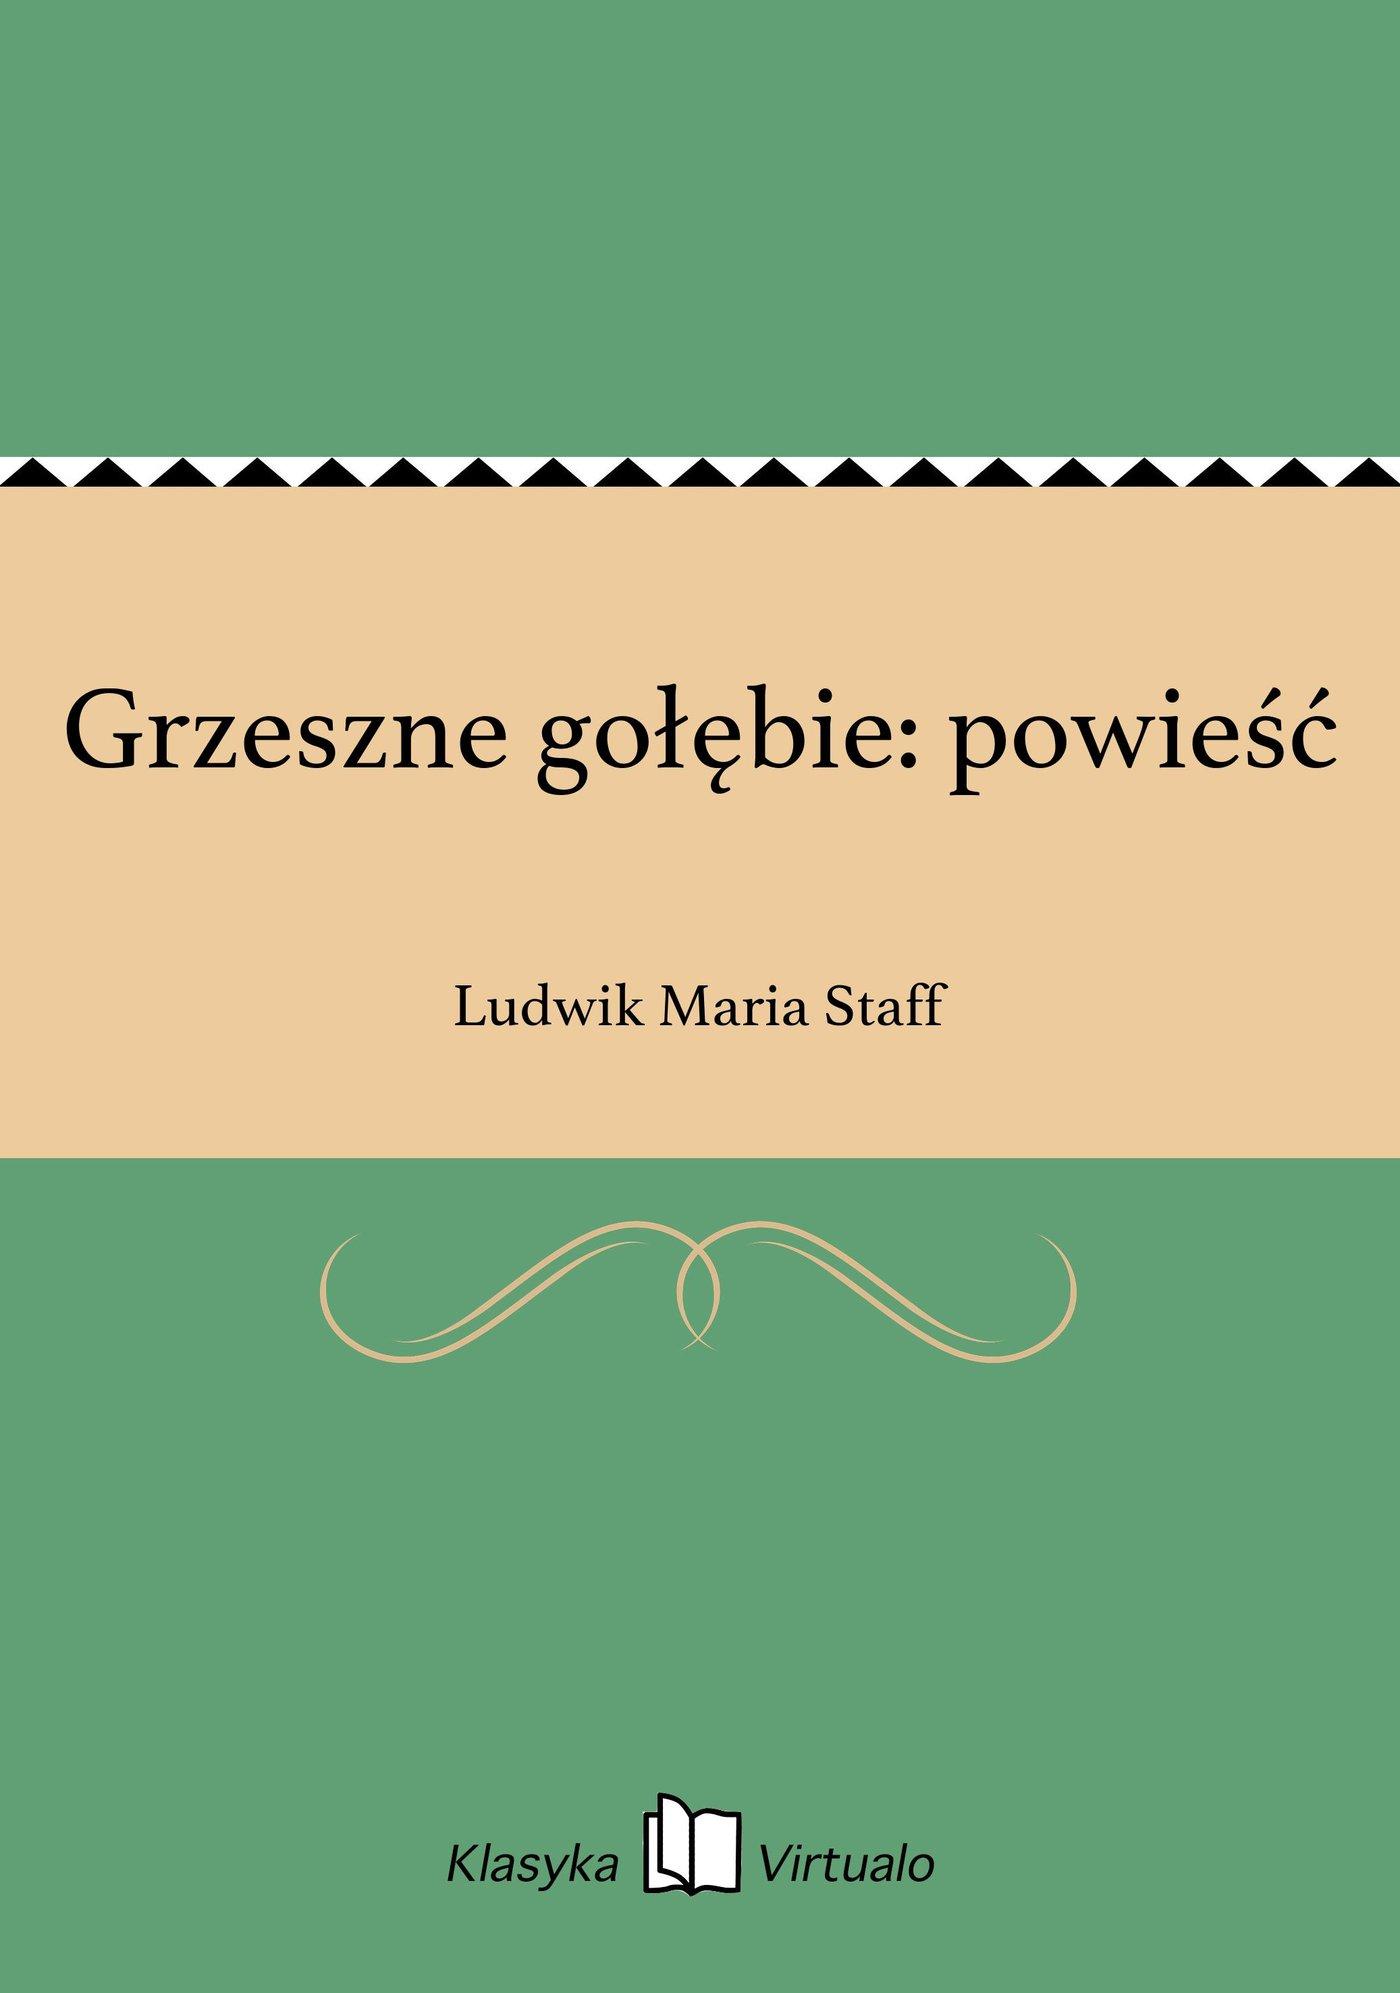 Grzeszne gołębie: powieść - Ebook (Książka EPUB) do pobrania w formacie EPUB